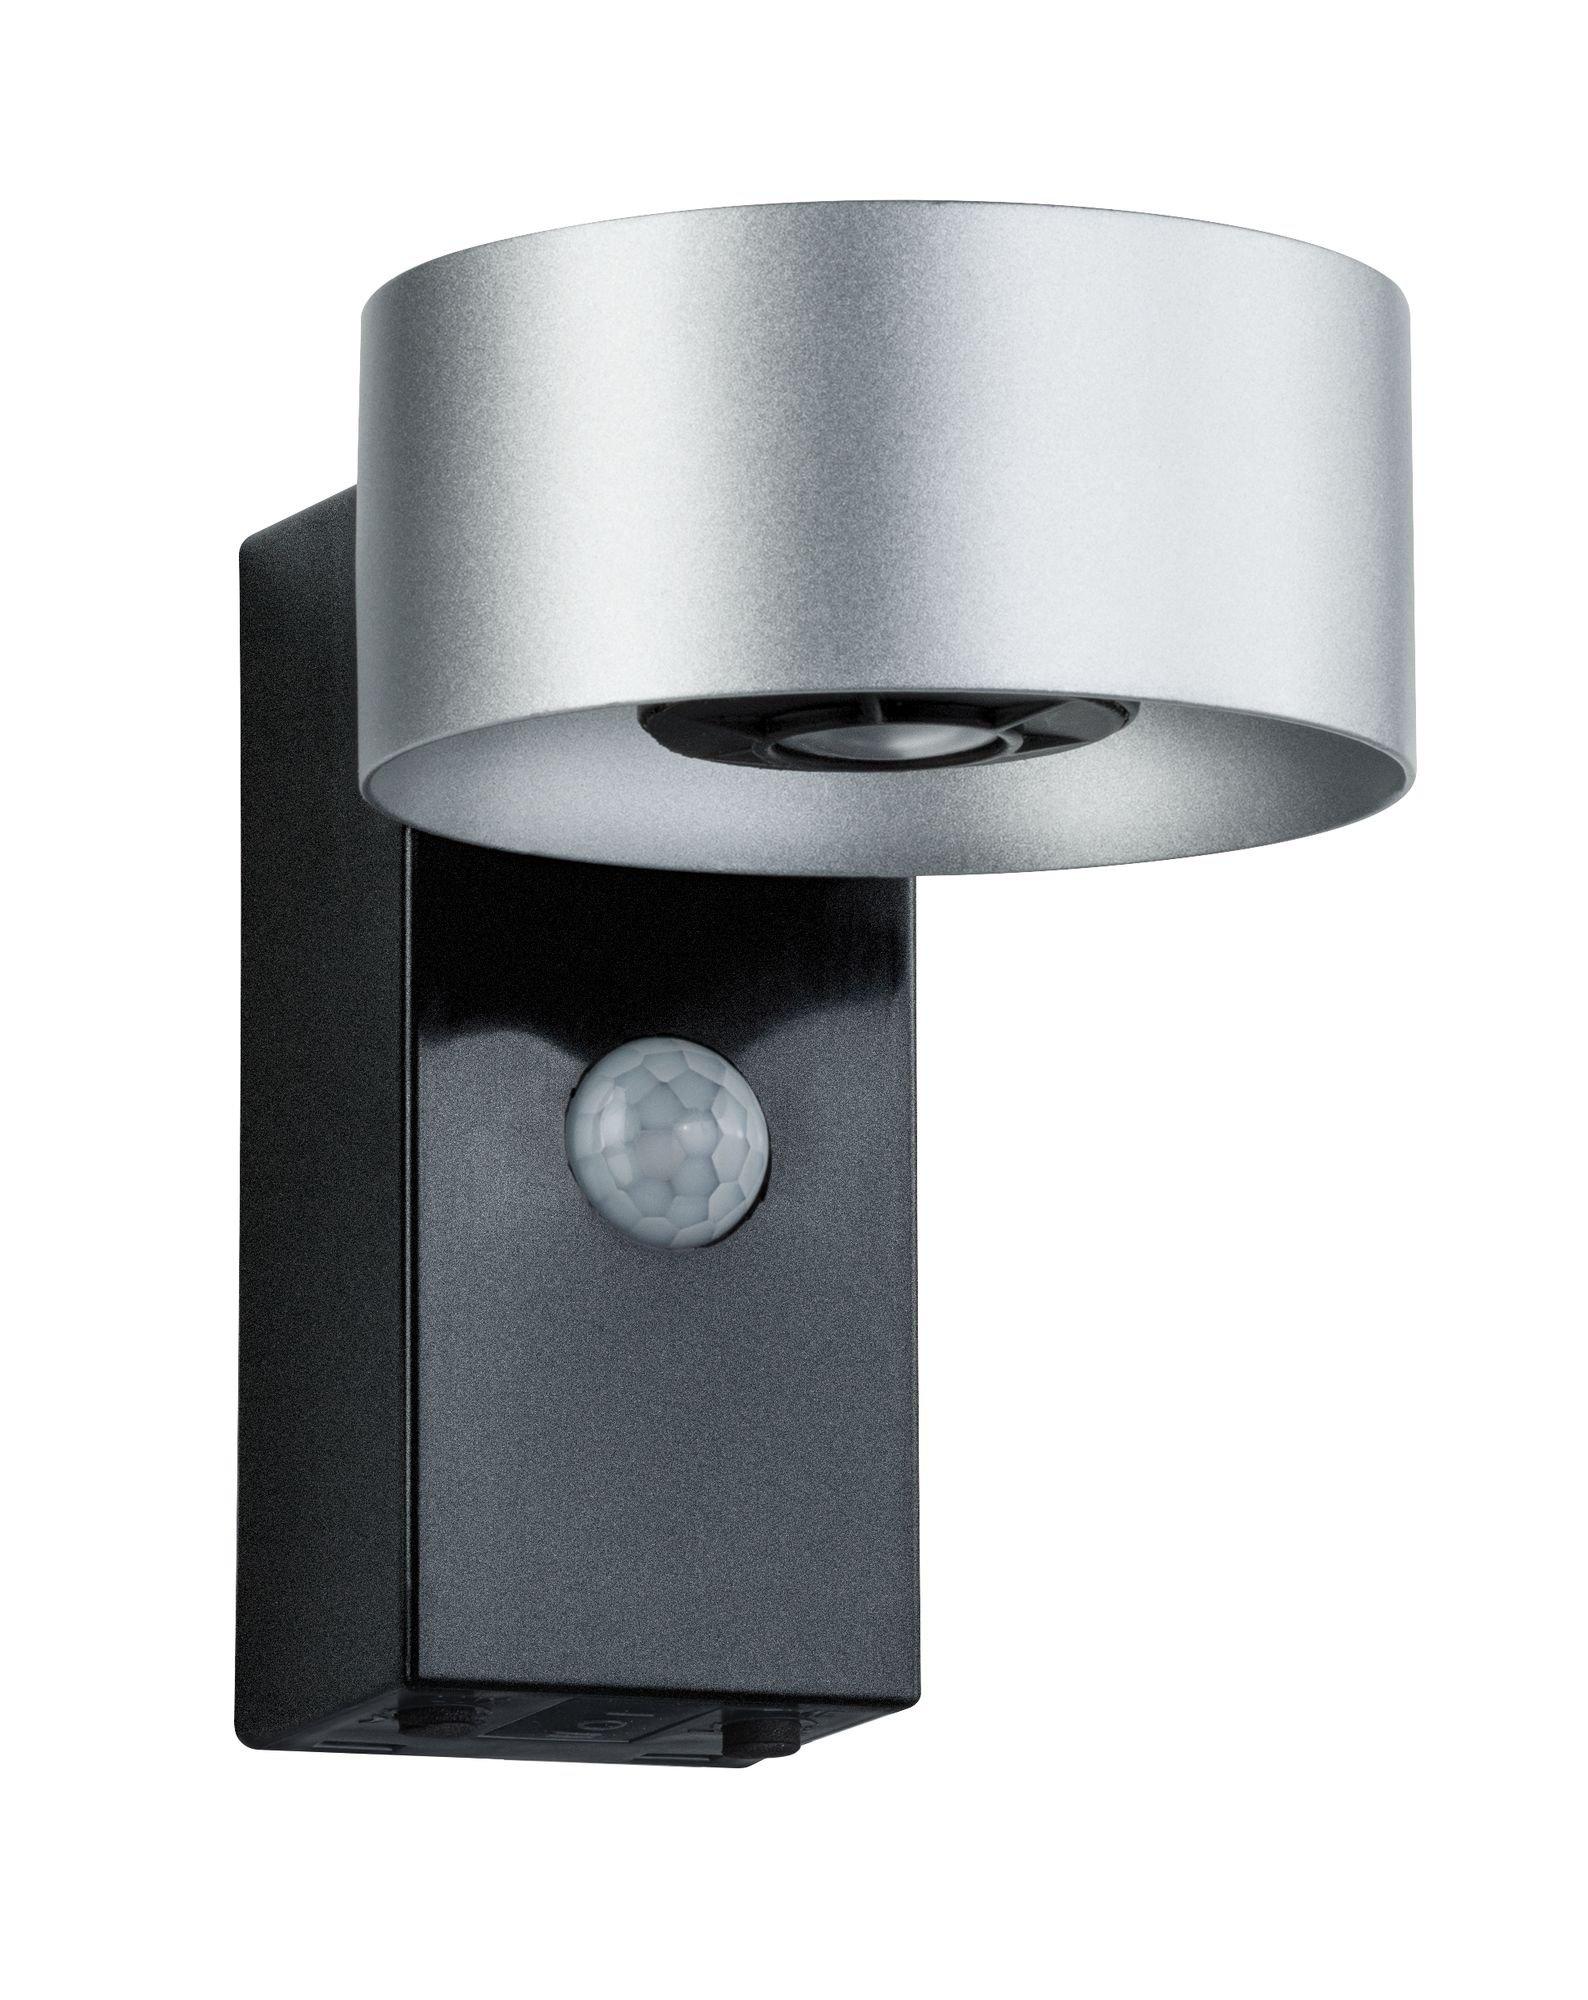 Applique lumineuse House Cone IP44 3000K 2x6W argent/ Anthracite avec détecteur de mouvement